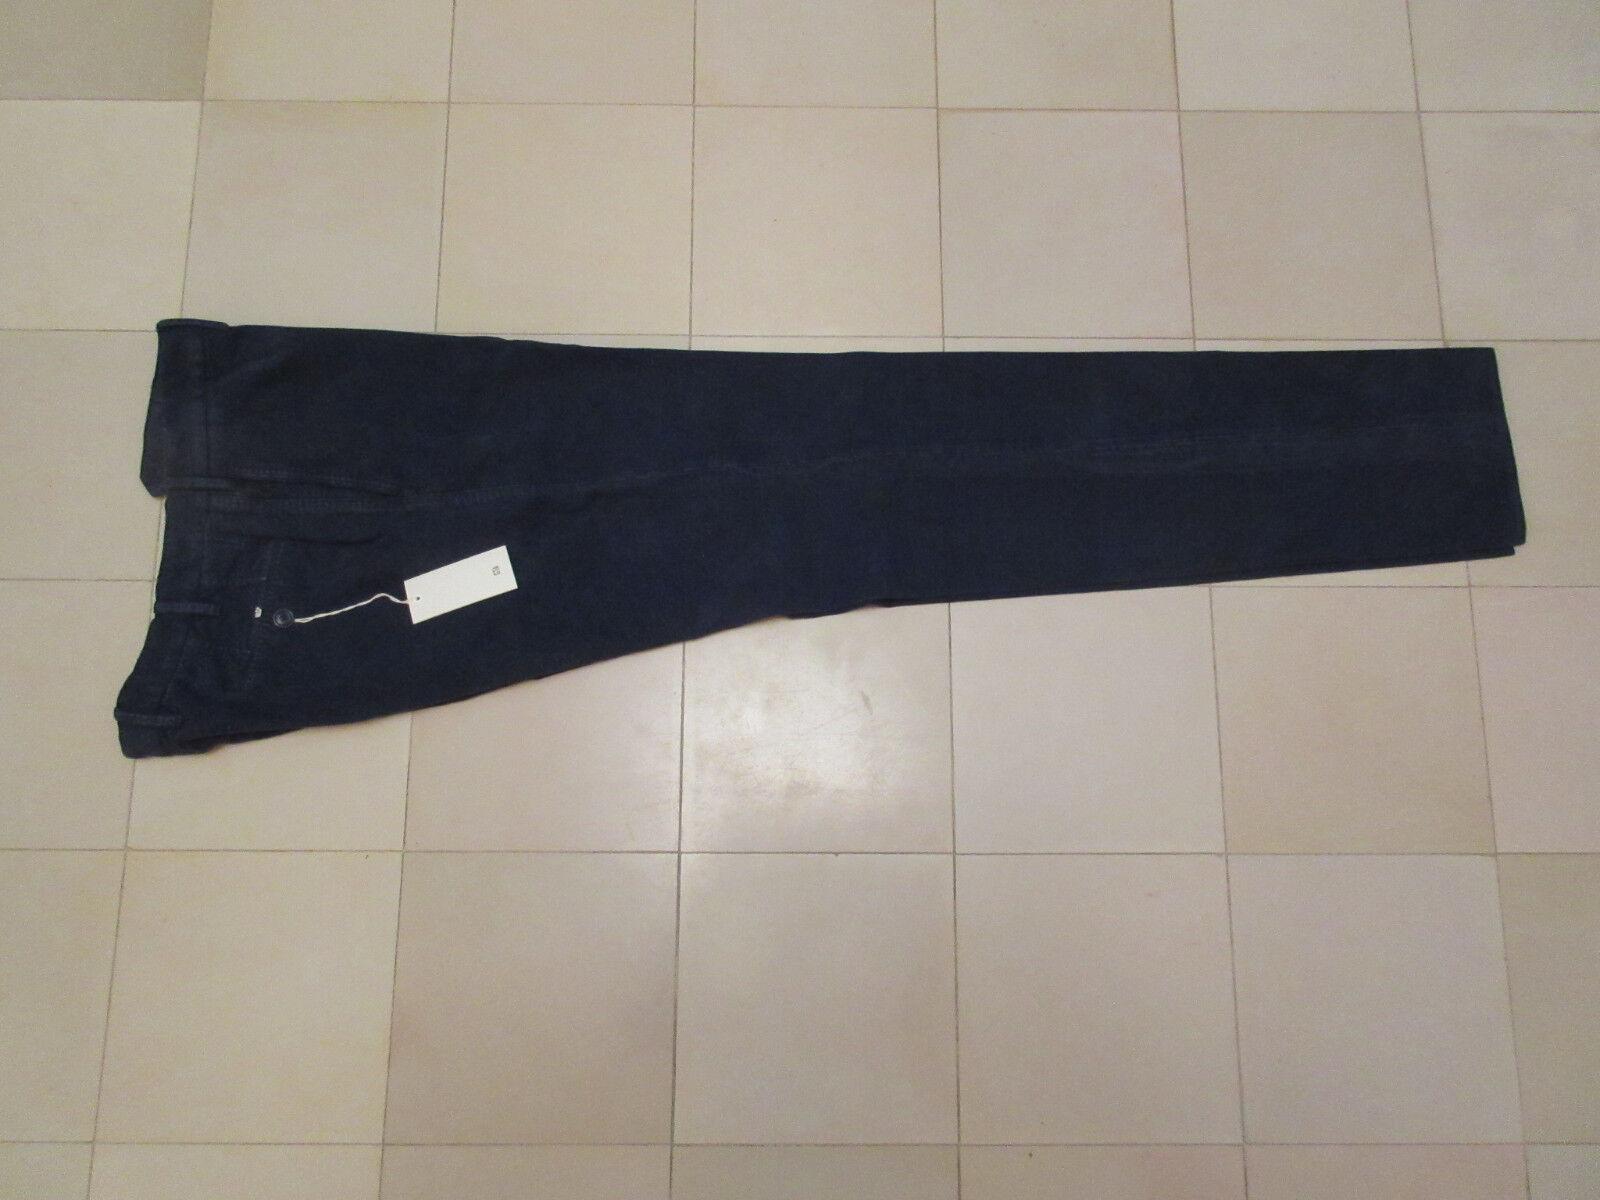 GTA il Pantalone-Uomo Pantaloni - 52-navyblu-NUOVO